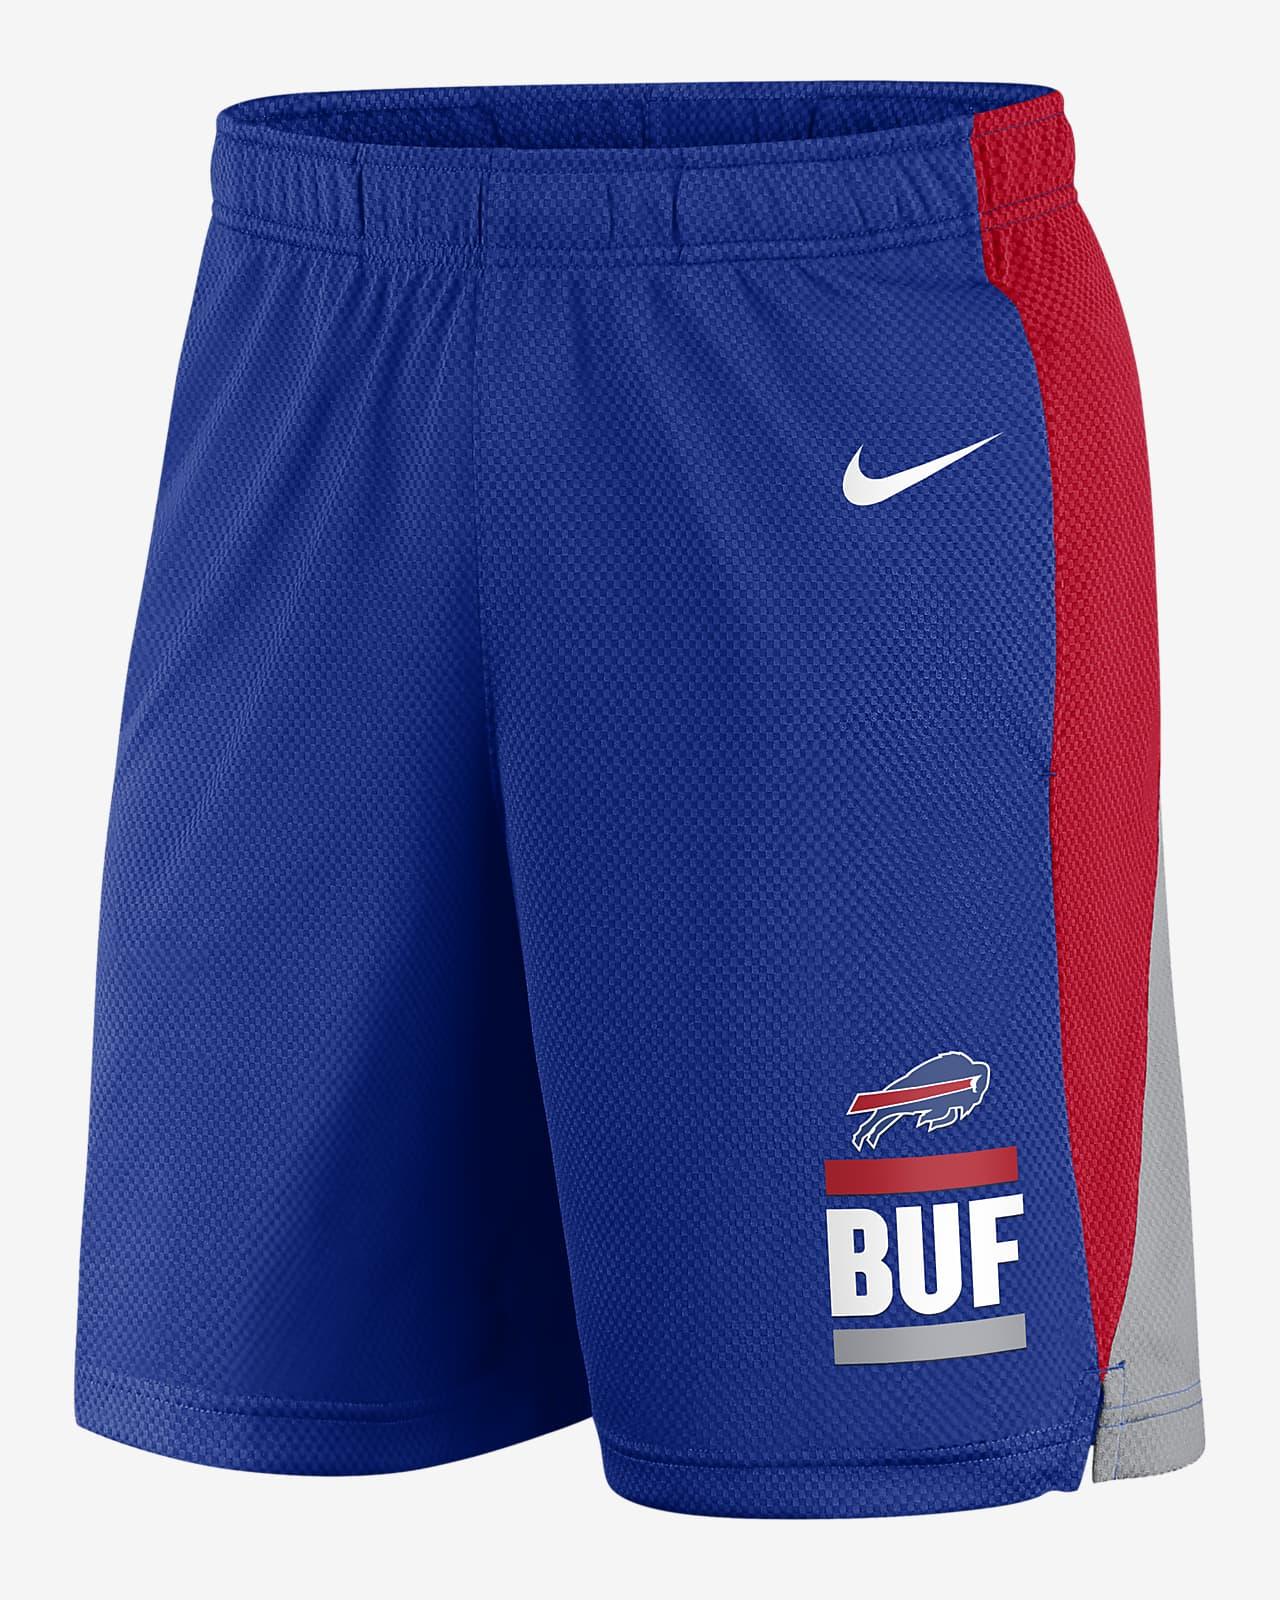 Nike Dri-FIT Broadcast (NFL Buffalo Bills) Men's Shorts